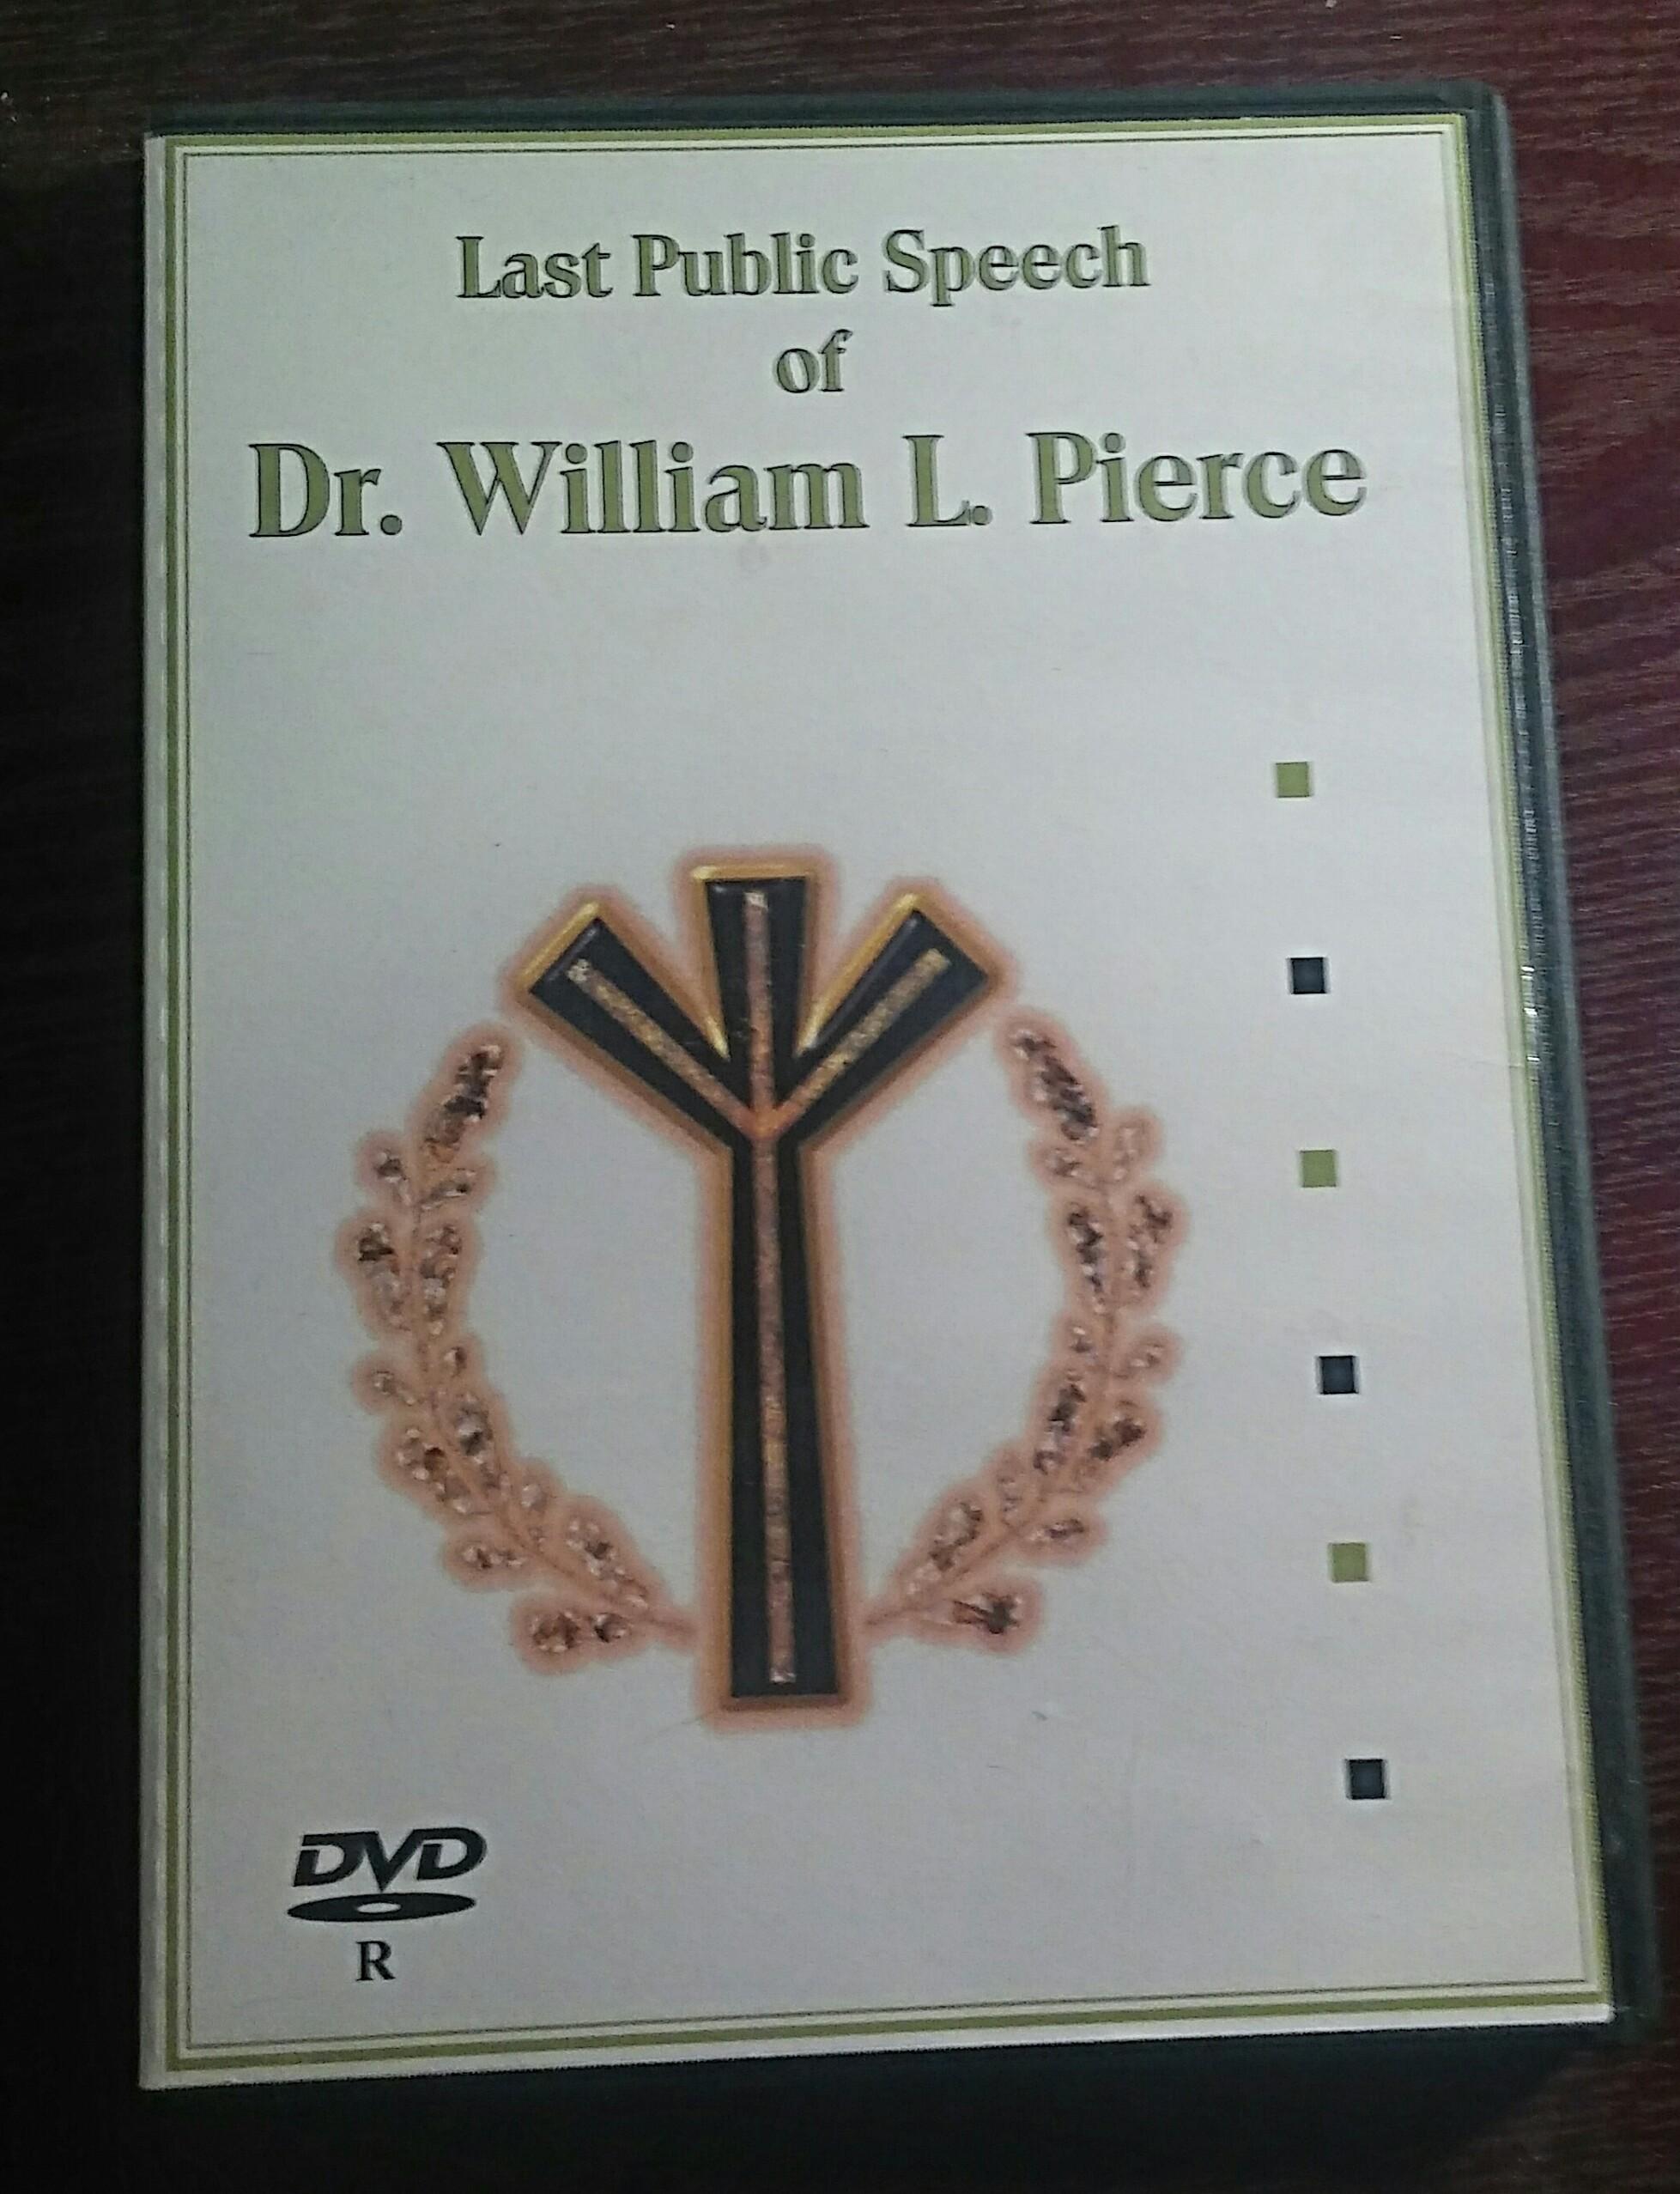 The Last Public Speech Of Dr. William Pierce